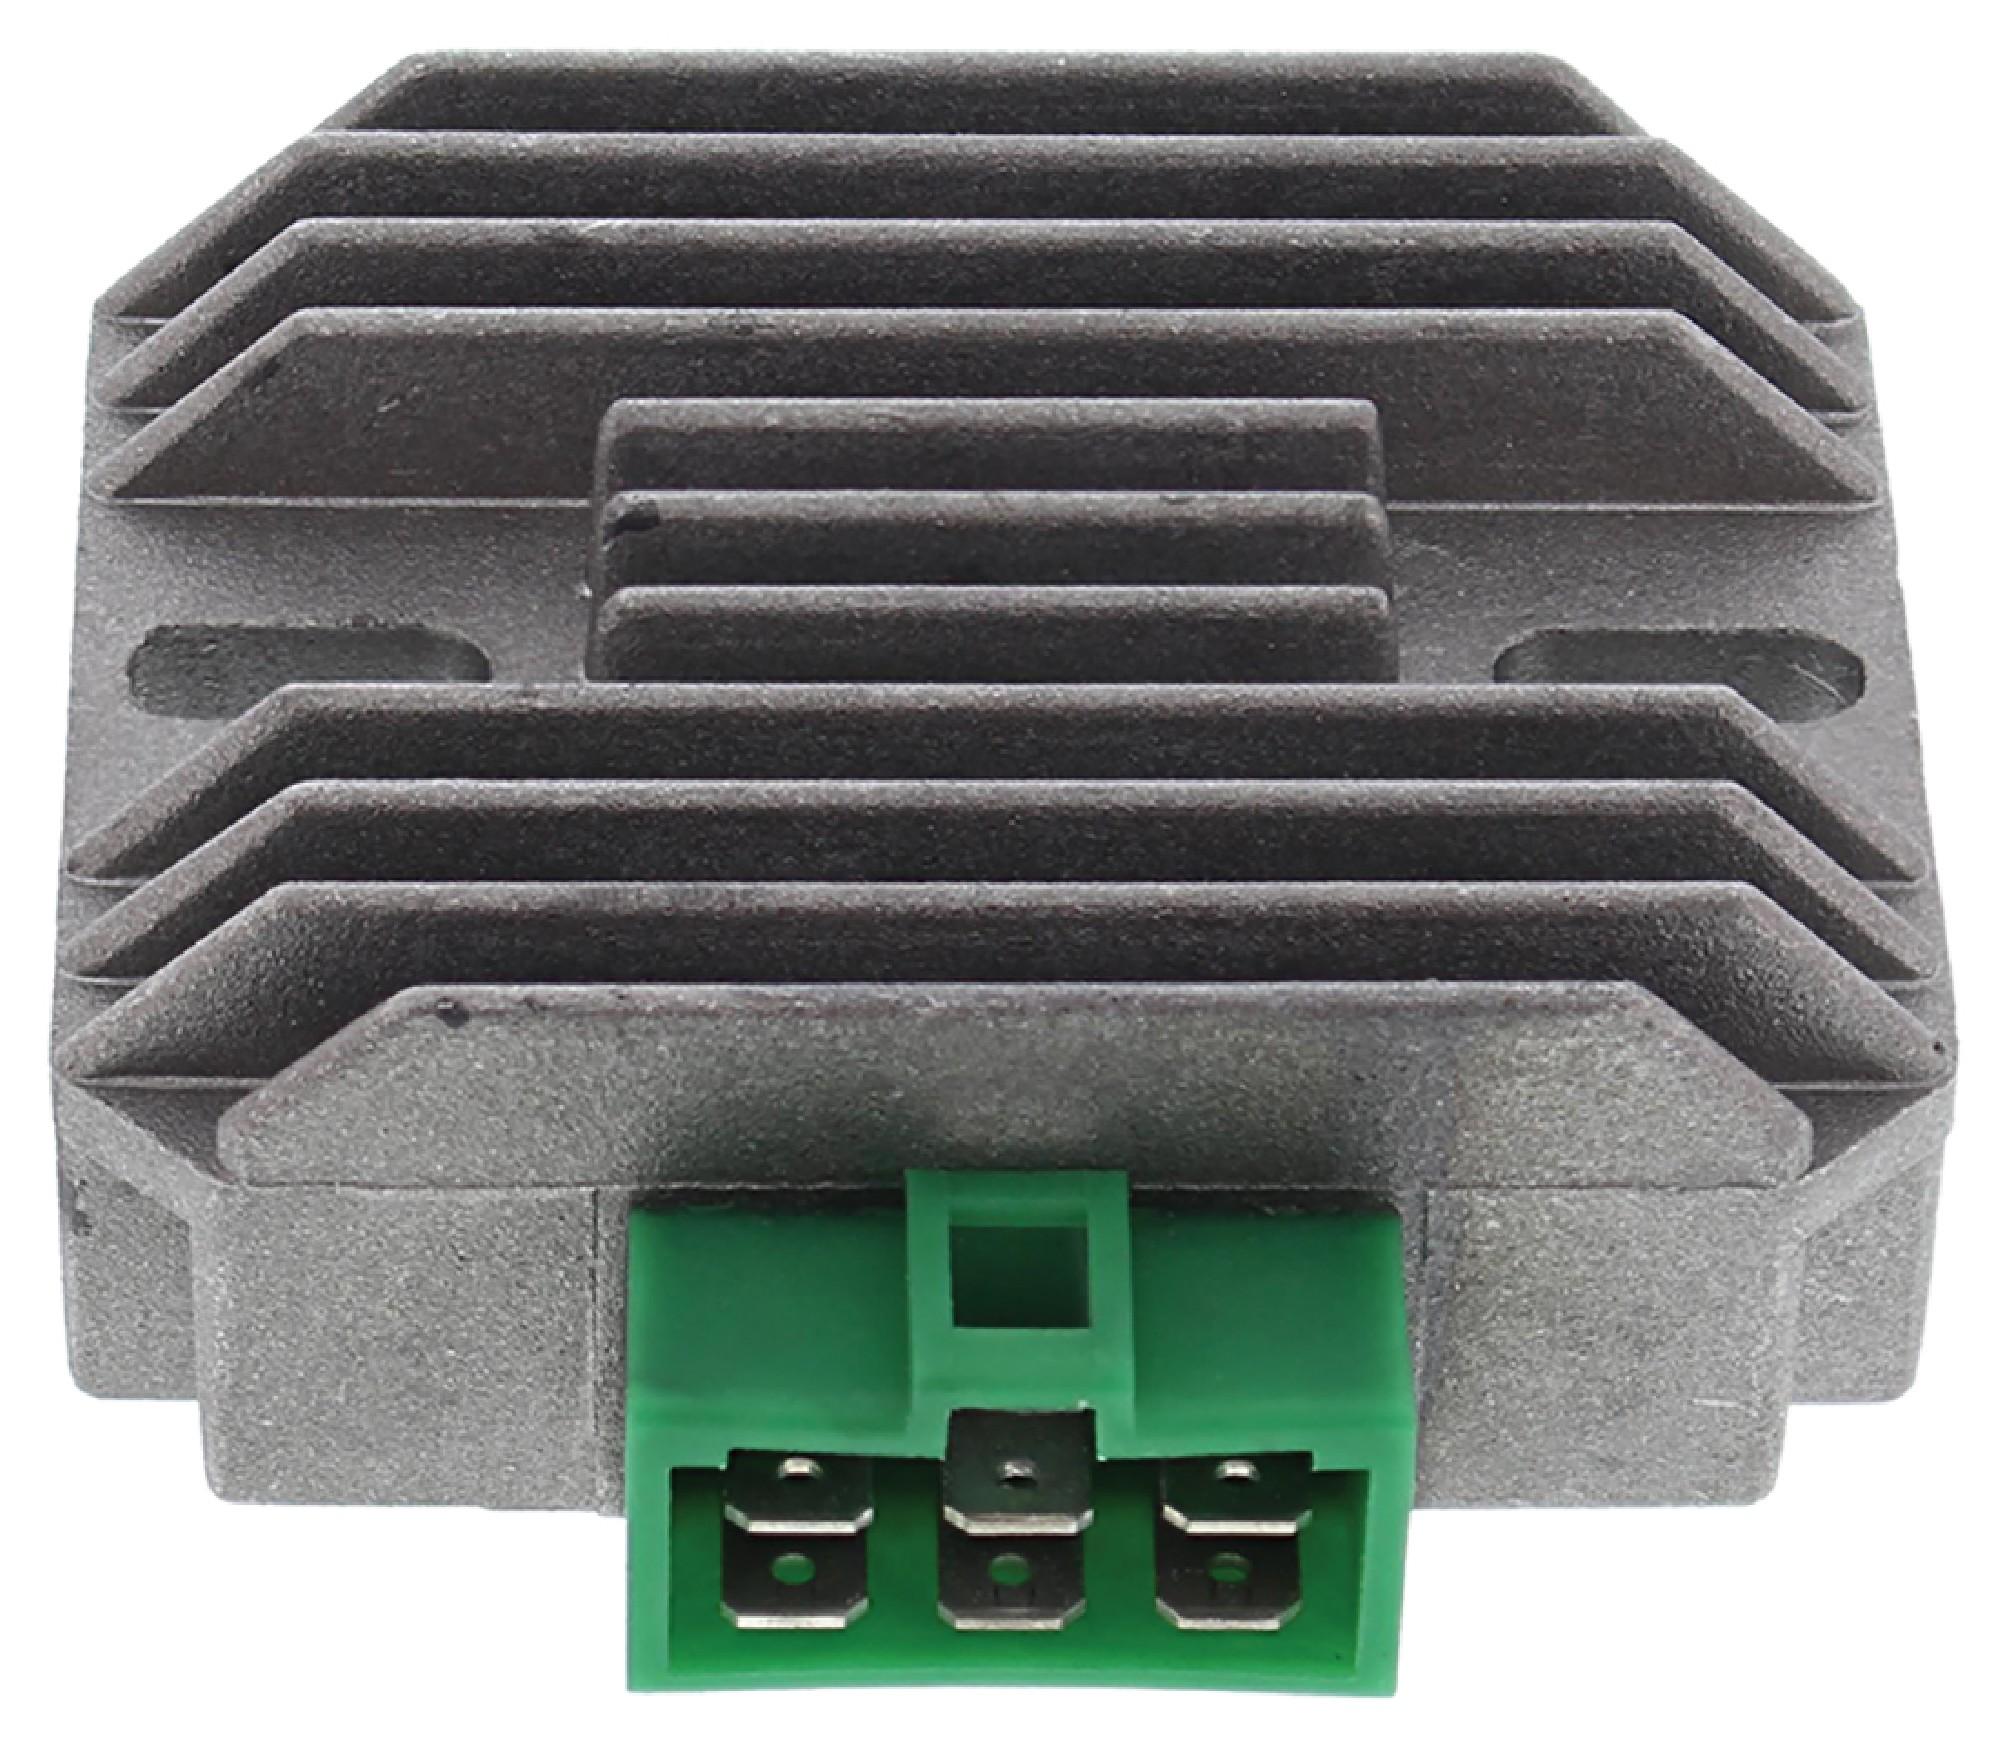 New Rectifier Voltage Regulator John Deere Commerical Mower F915 230-22061